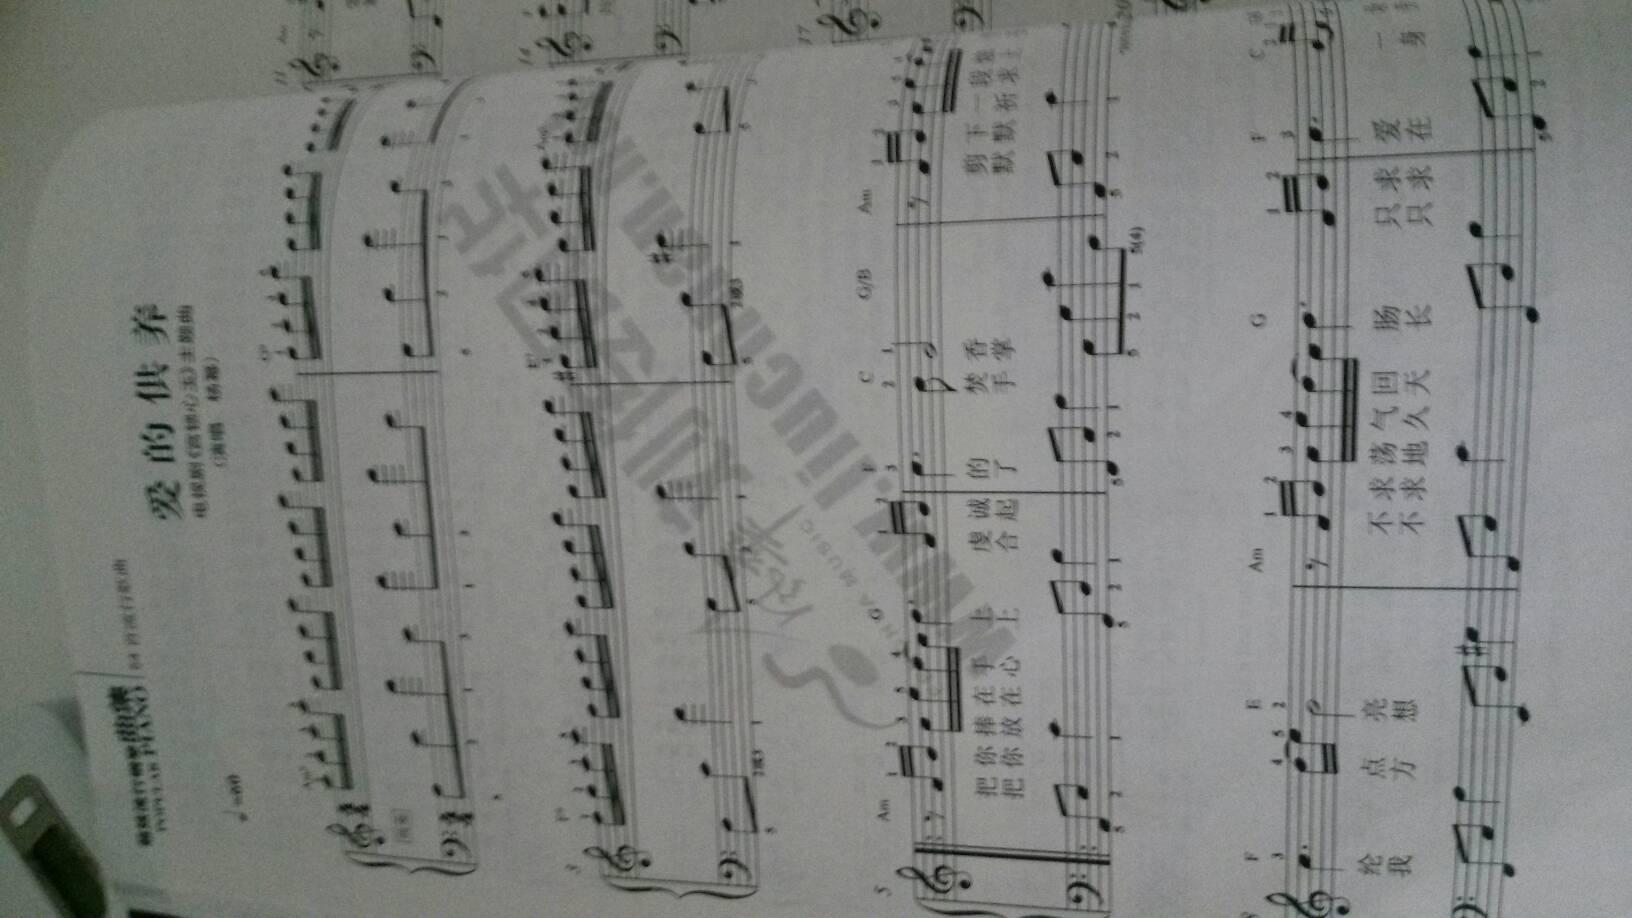 练习钢琴音阶有哪些书 最好是纯音阶的书图片